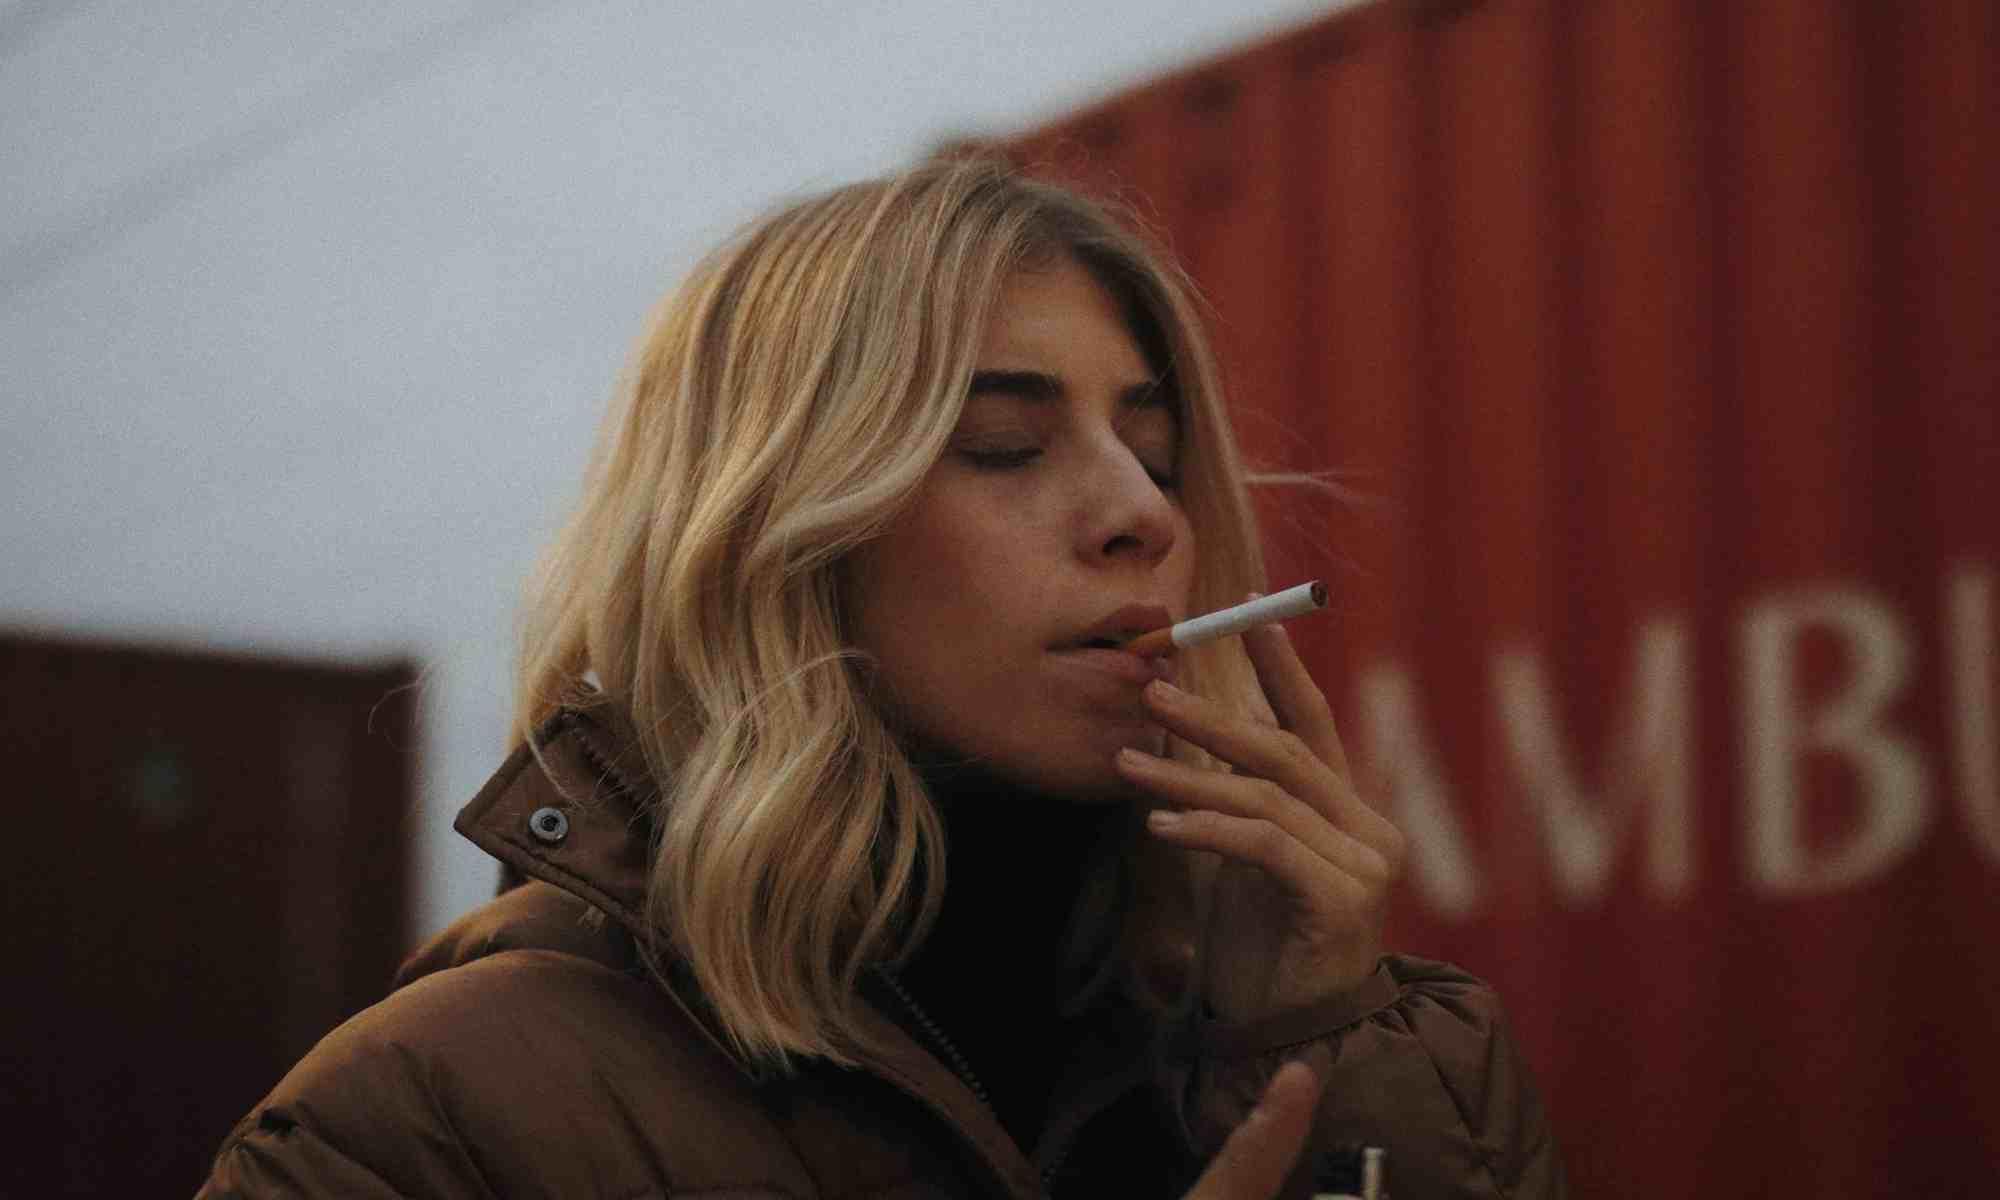 ▷ Principales causas de recaída en el tabaco 1